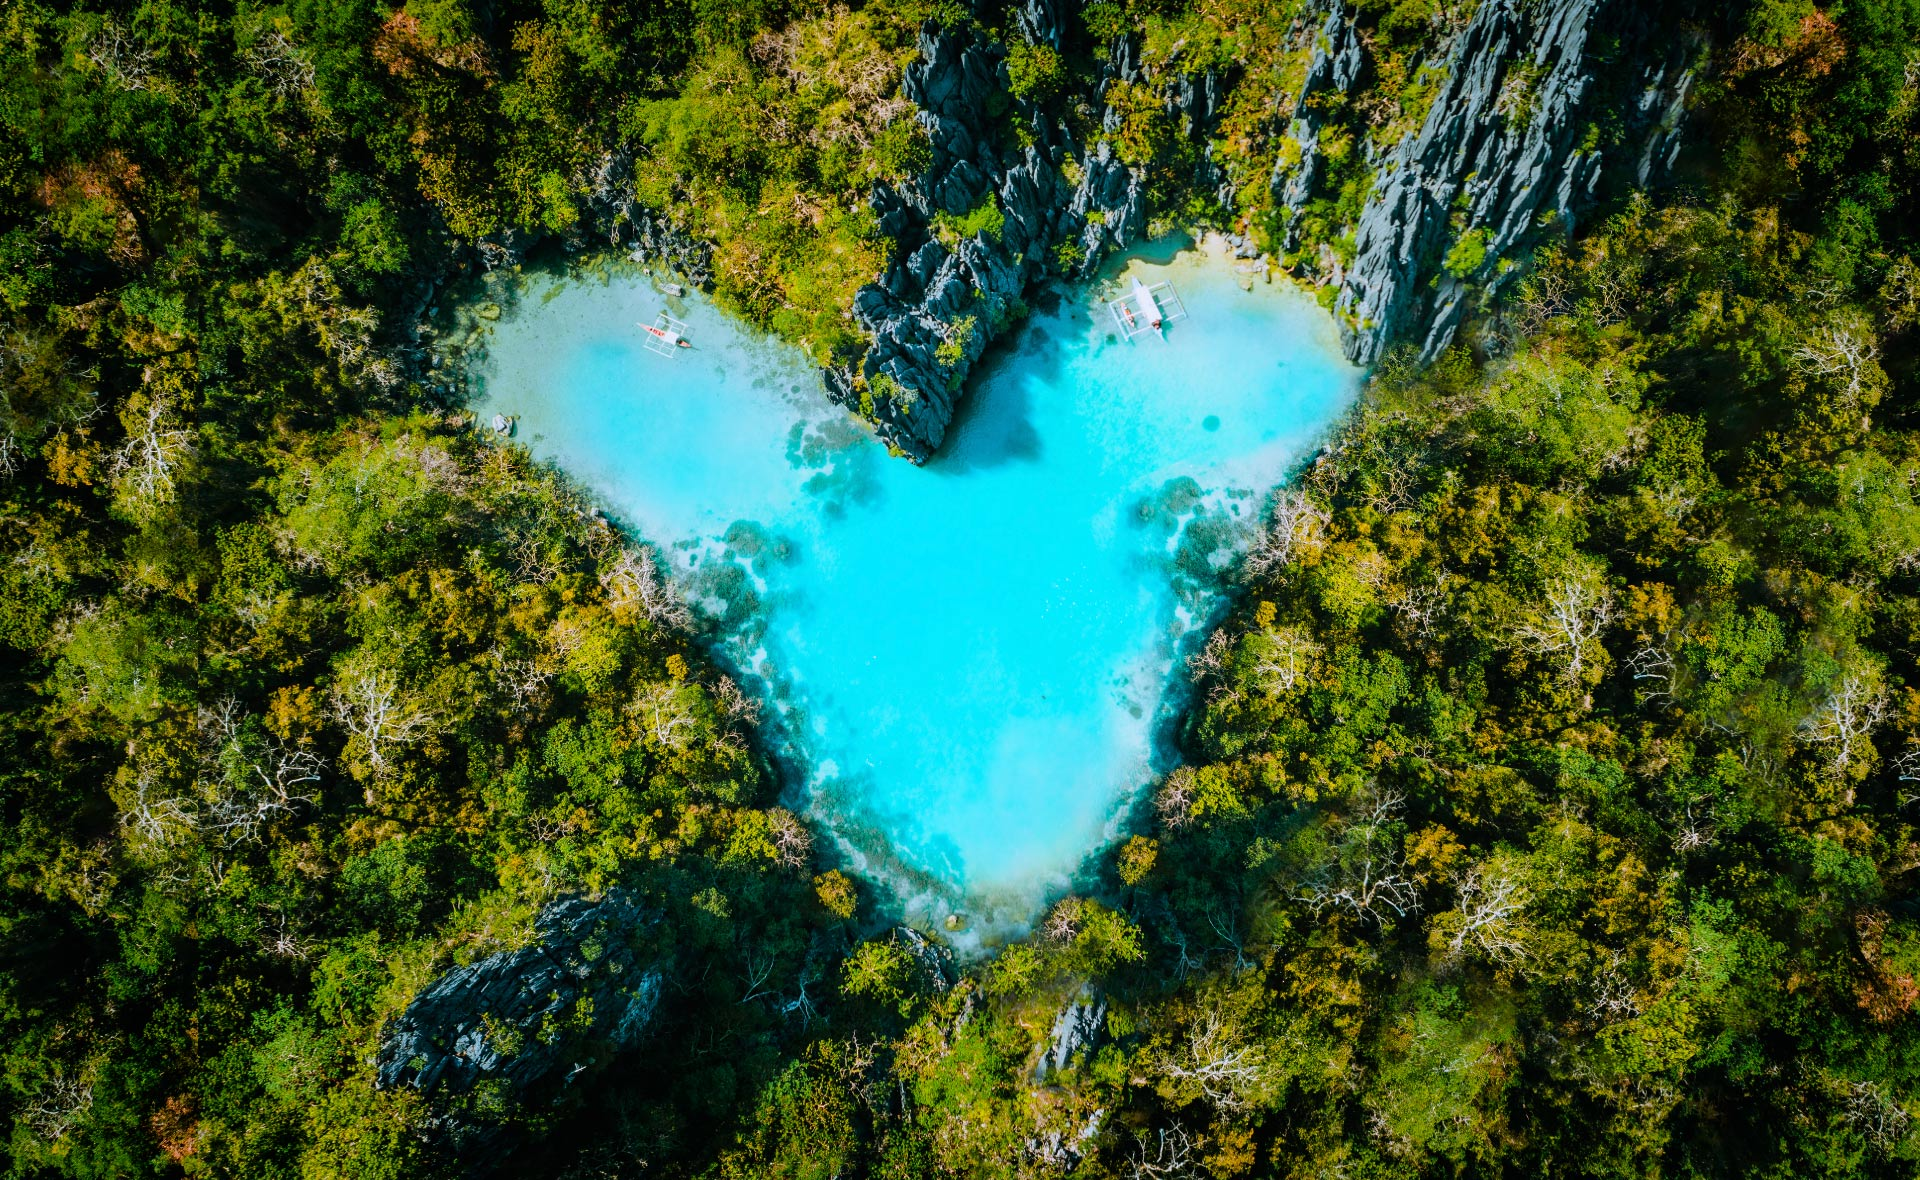 biodiversidad_agua_dulce-corazón-isla-tierra-cuidado-planeta-sostenibilidad-